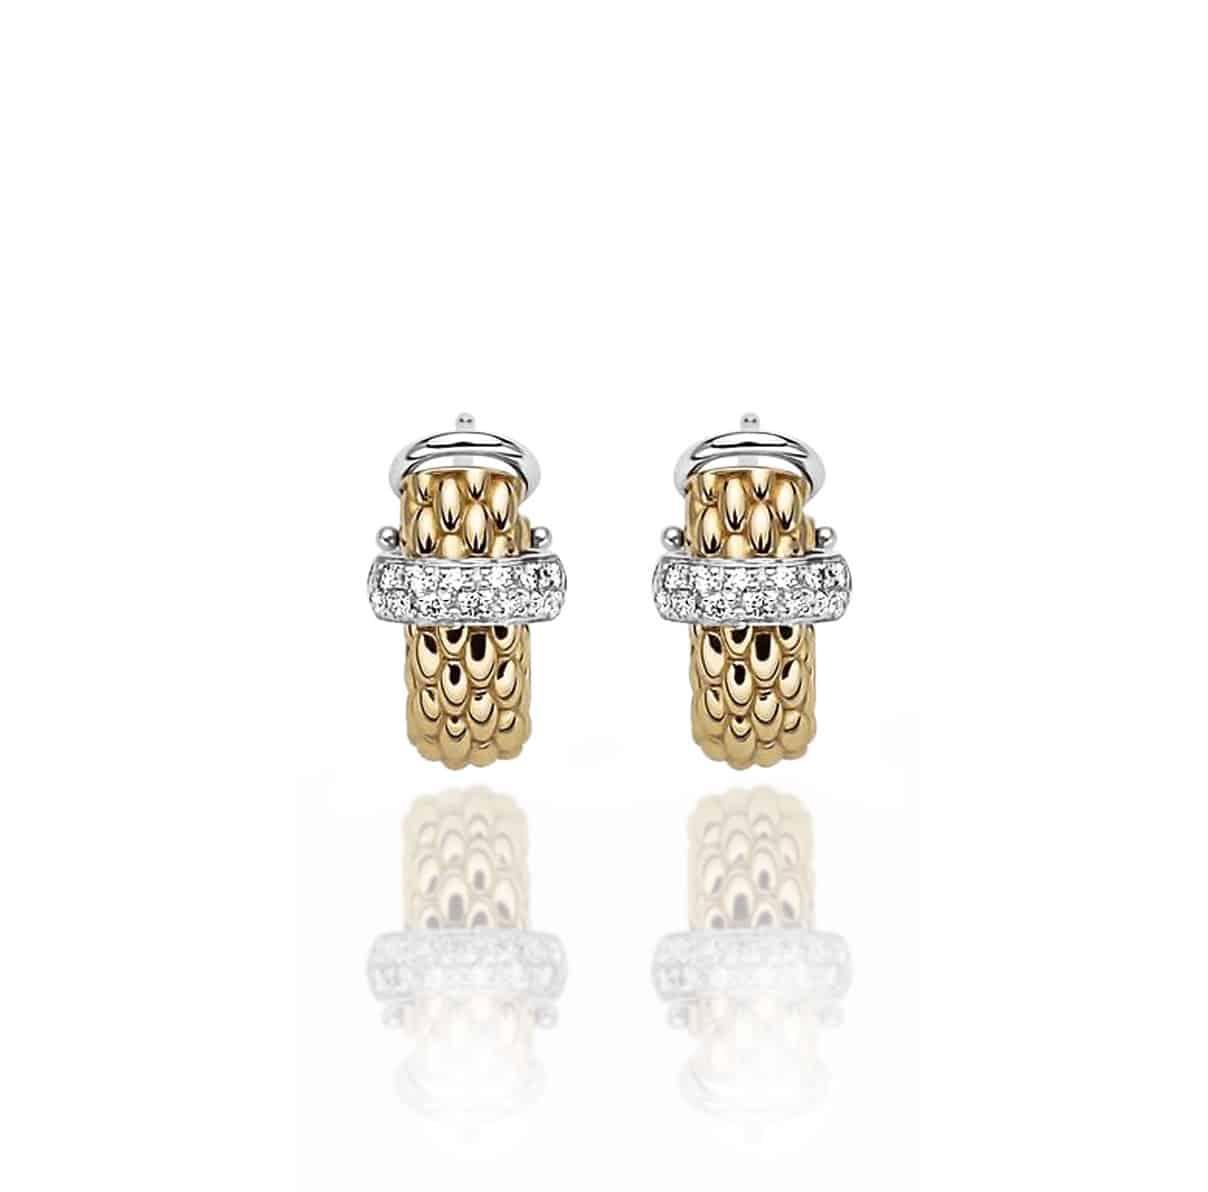 Roberto Coin 18K YG Flower Earrings